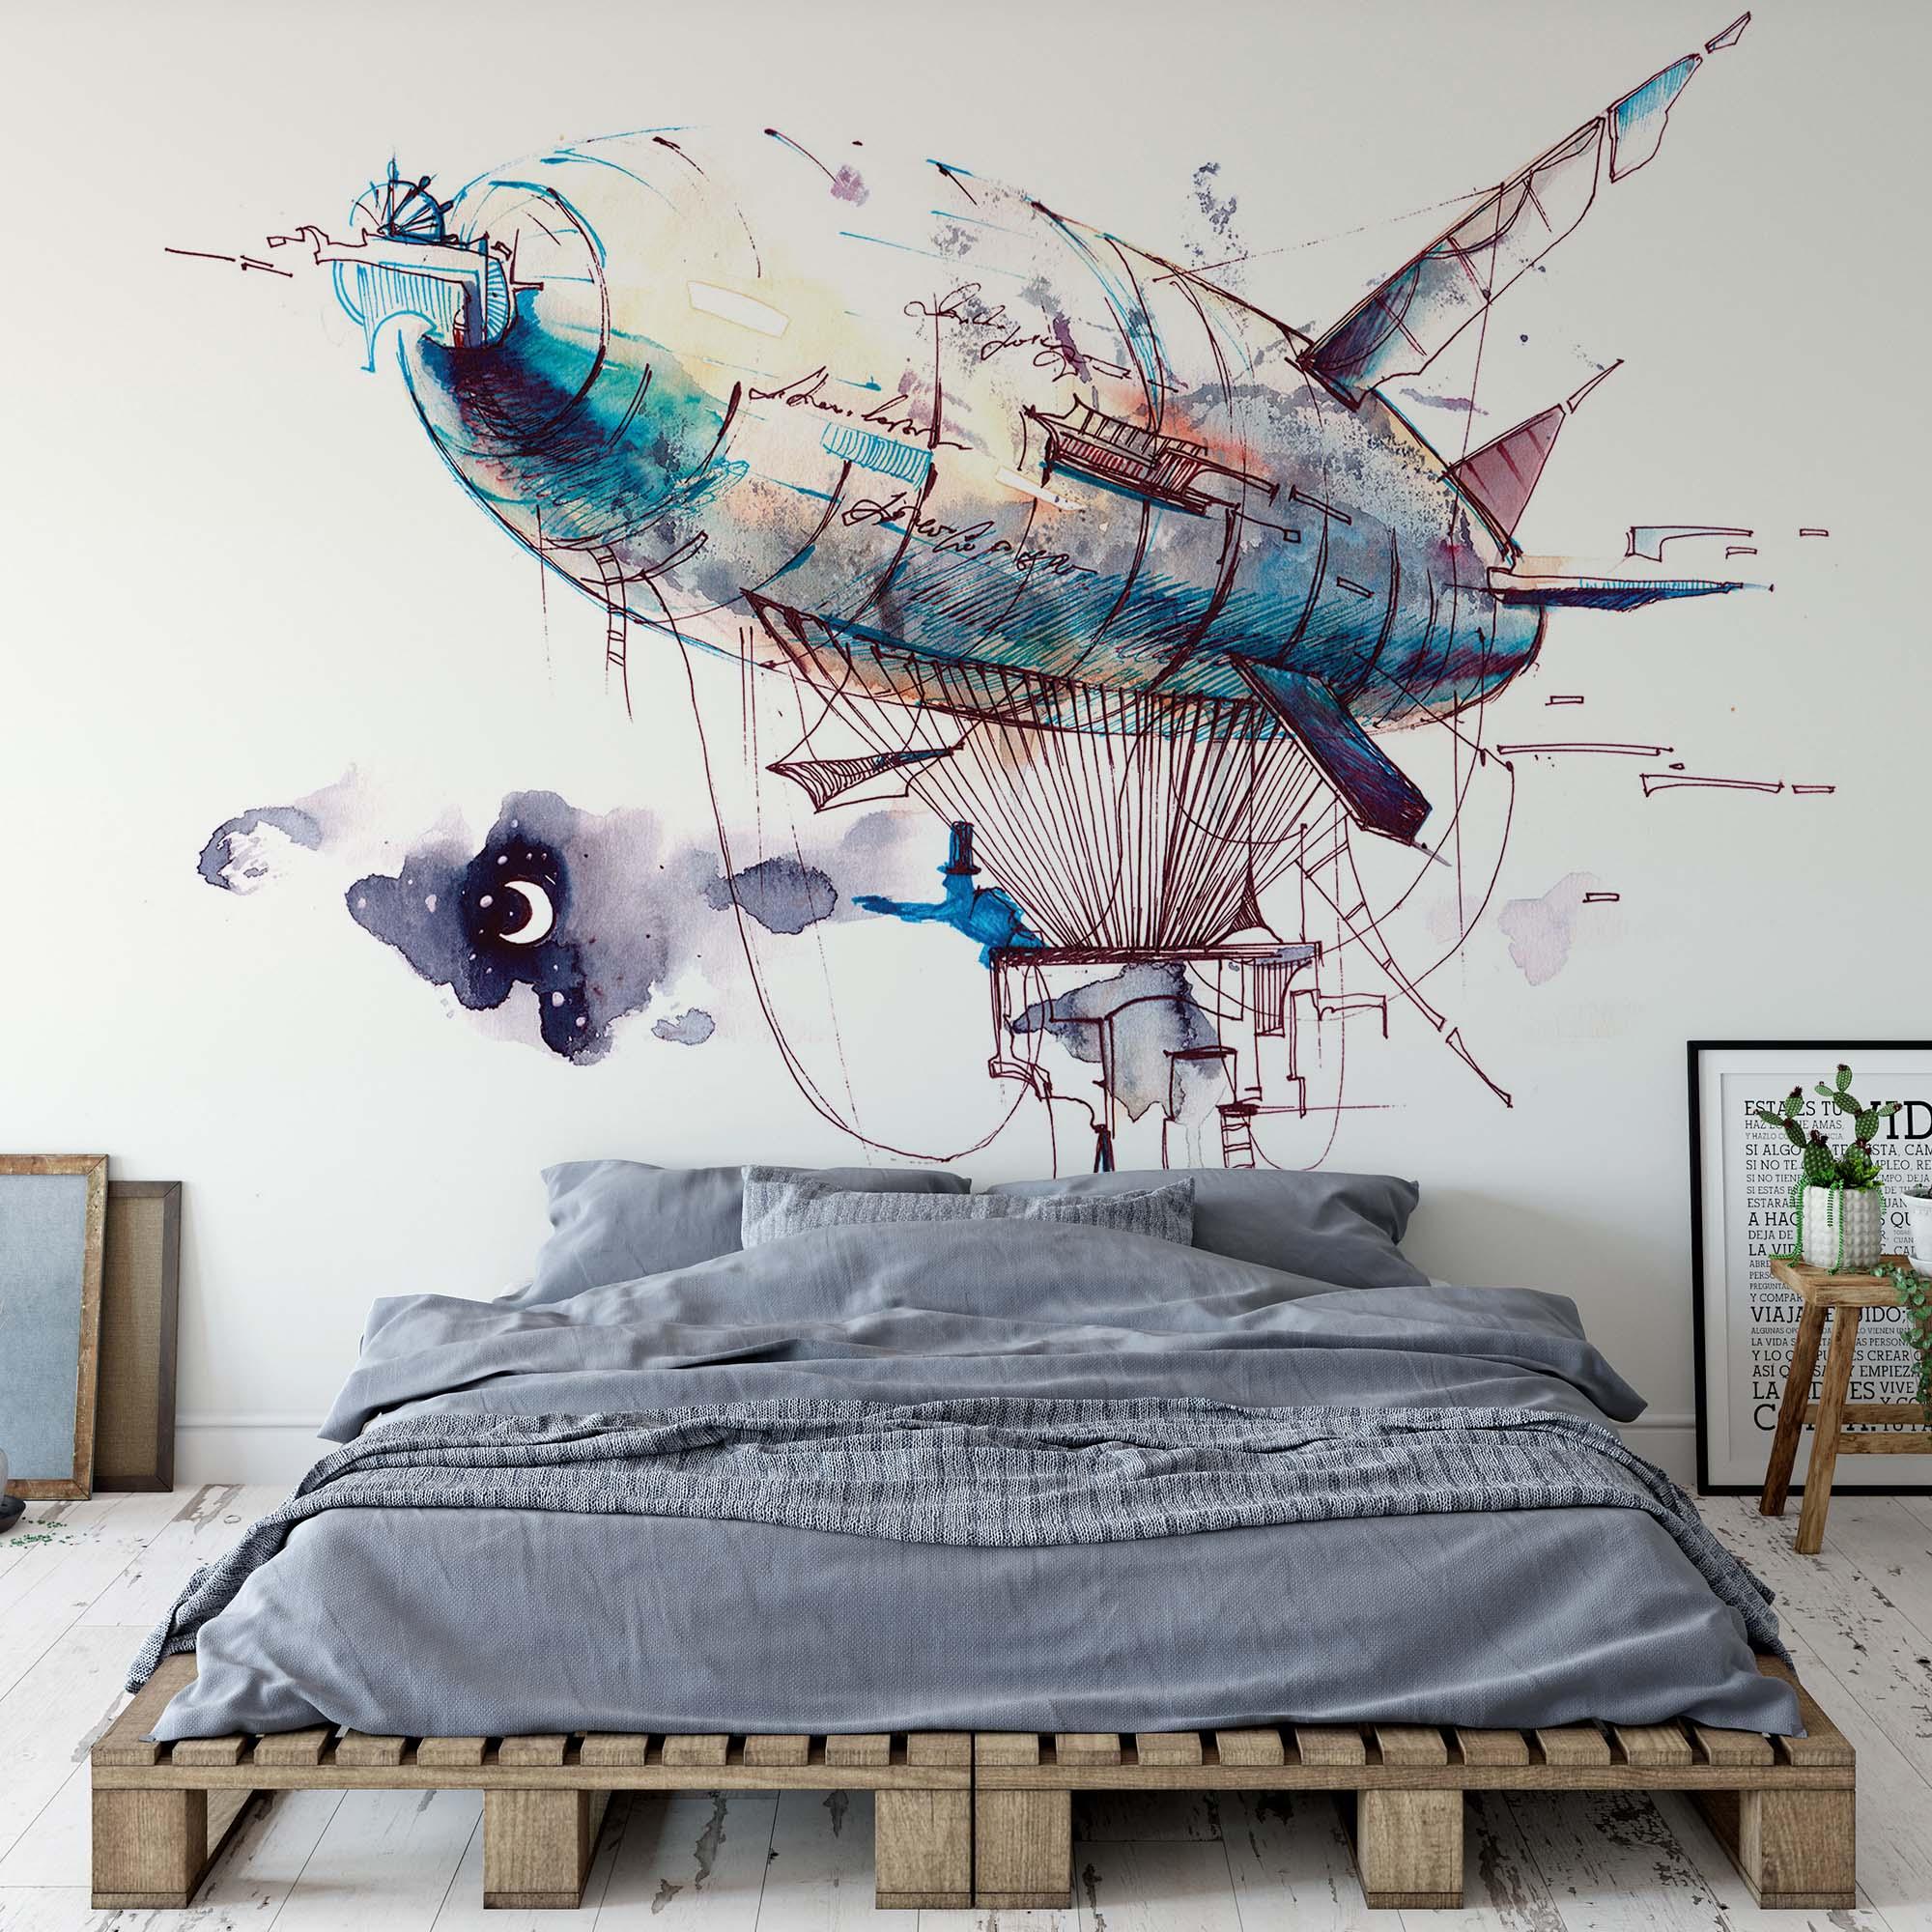 Fali poszter léghajó mintával